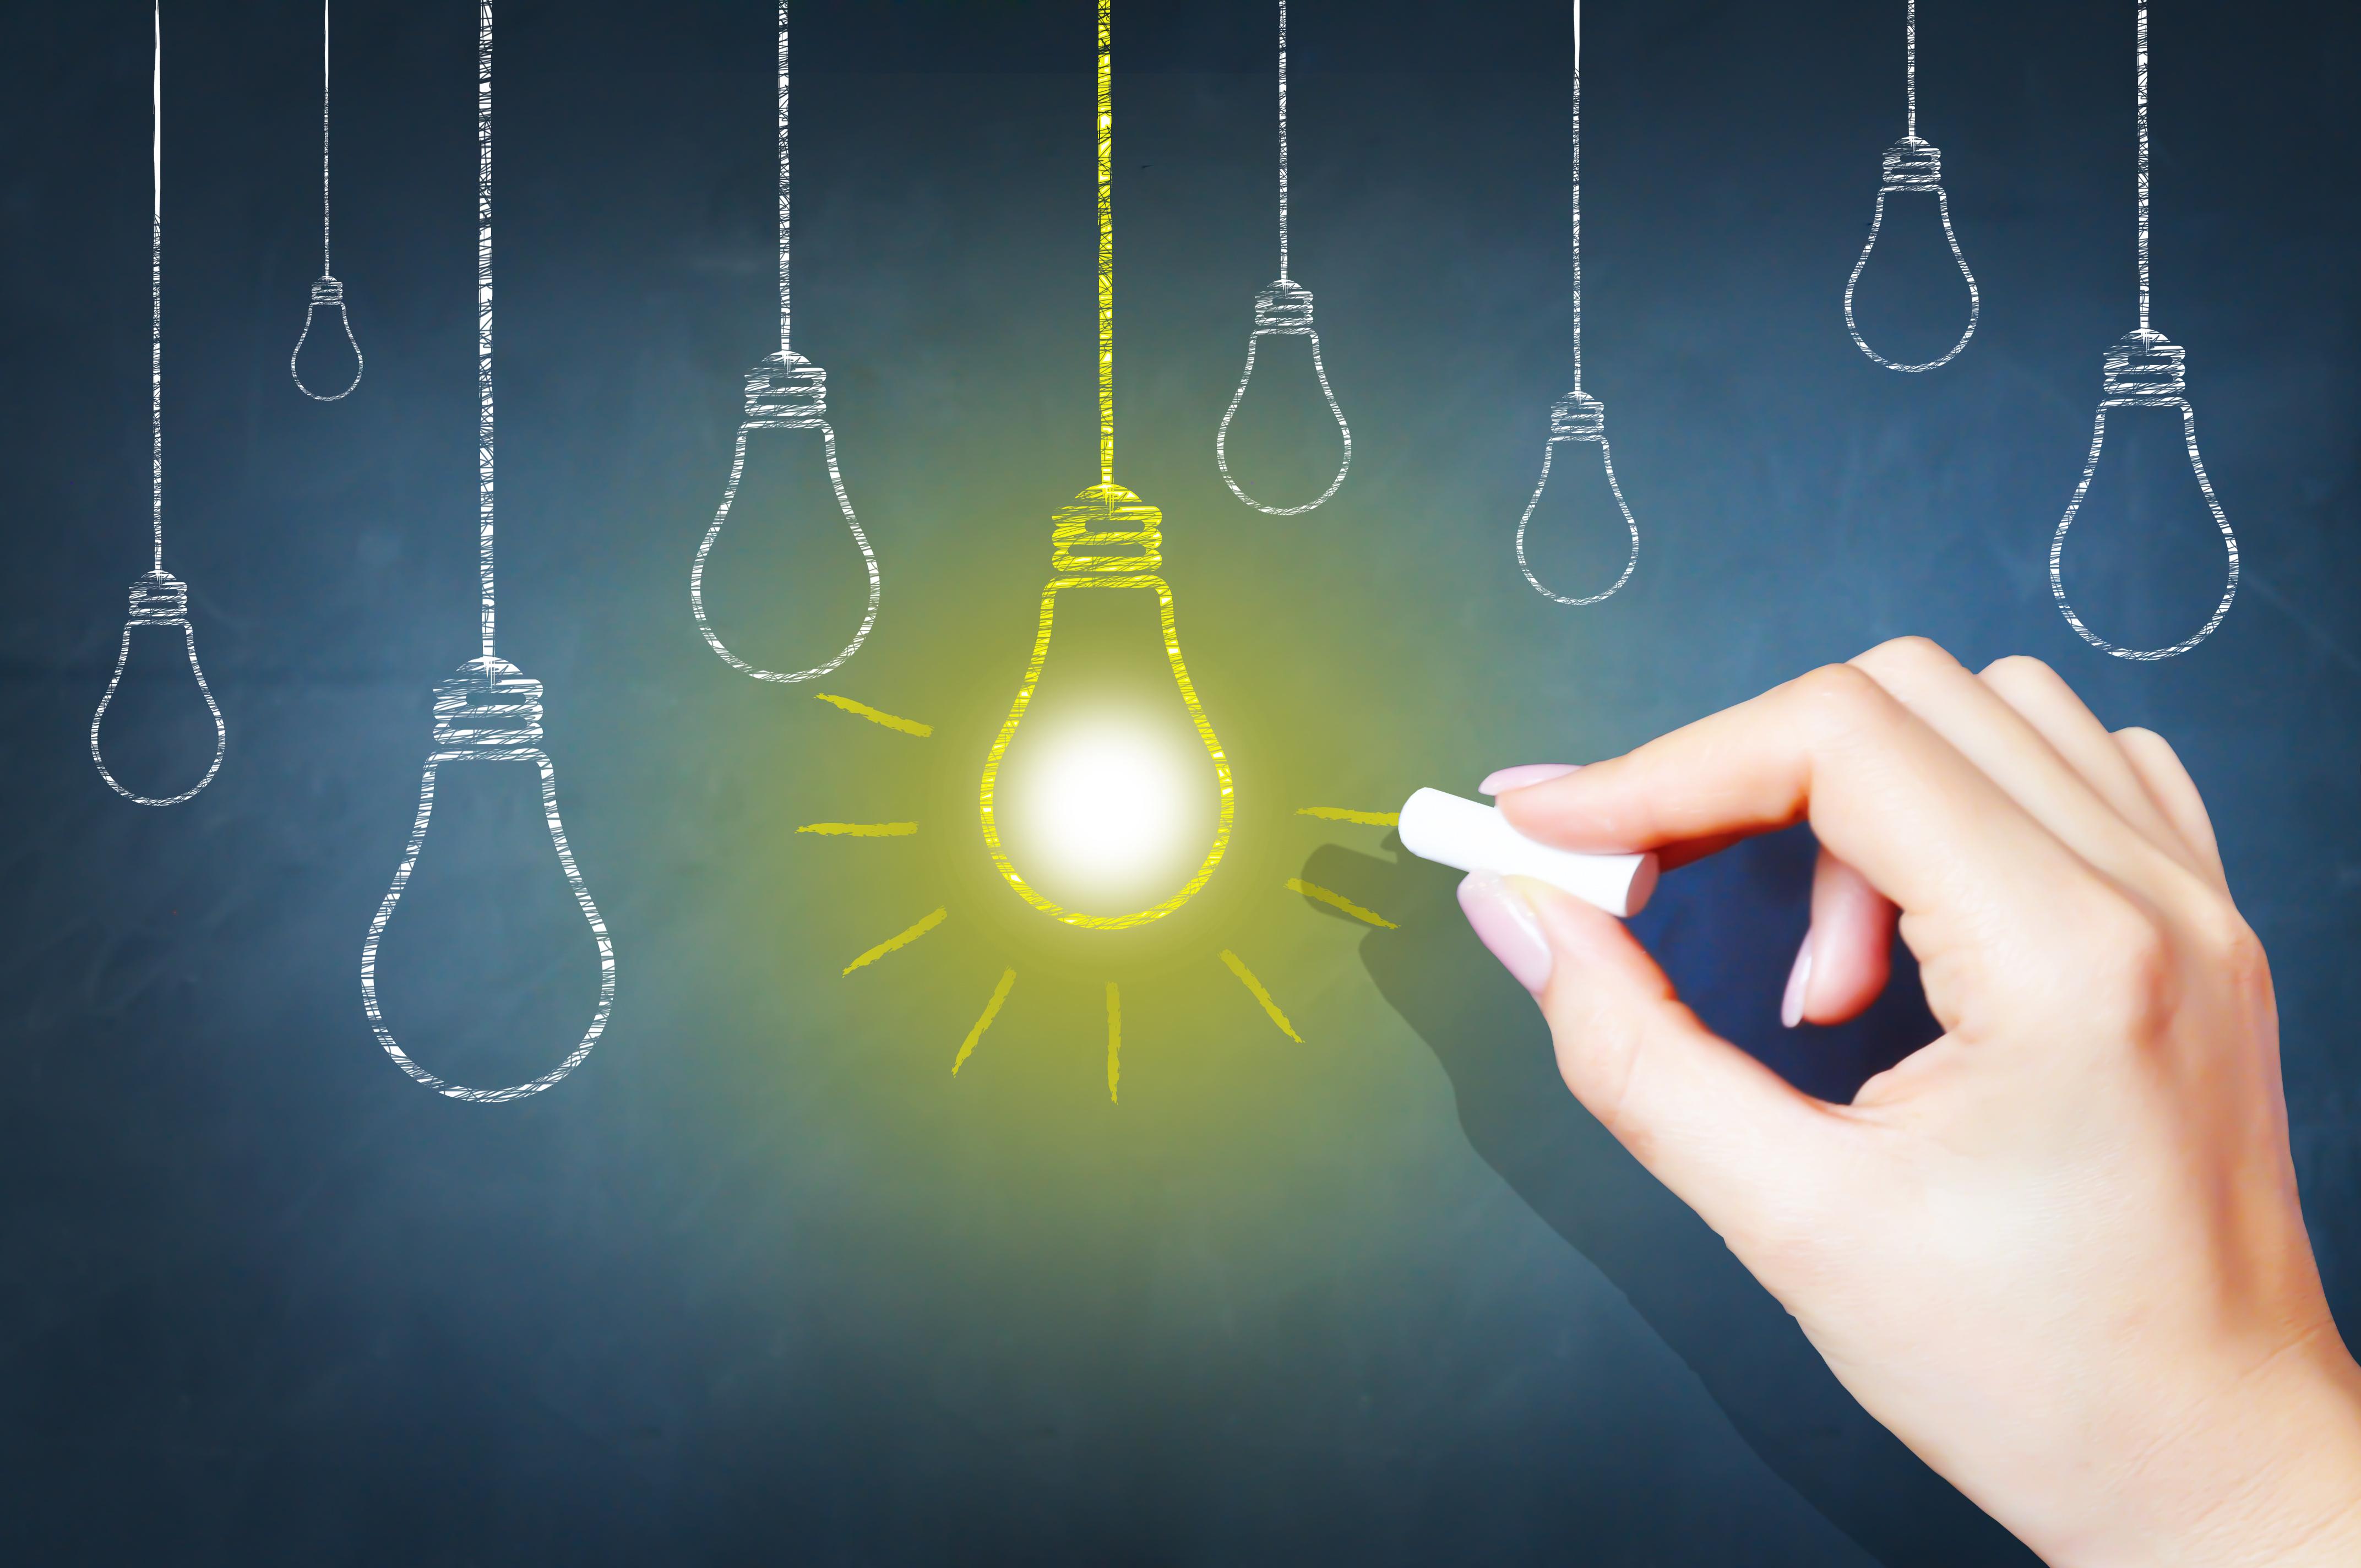 Entrepreneurship-1-1.jpg